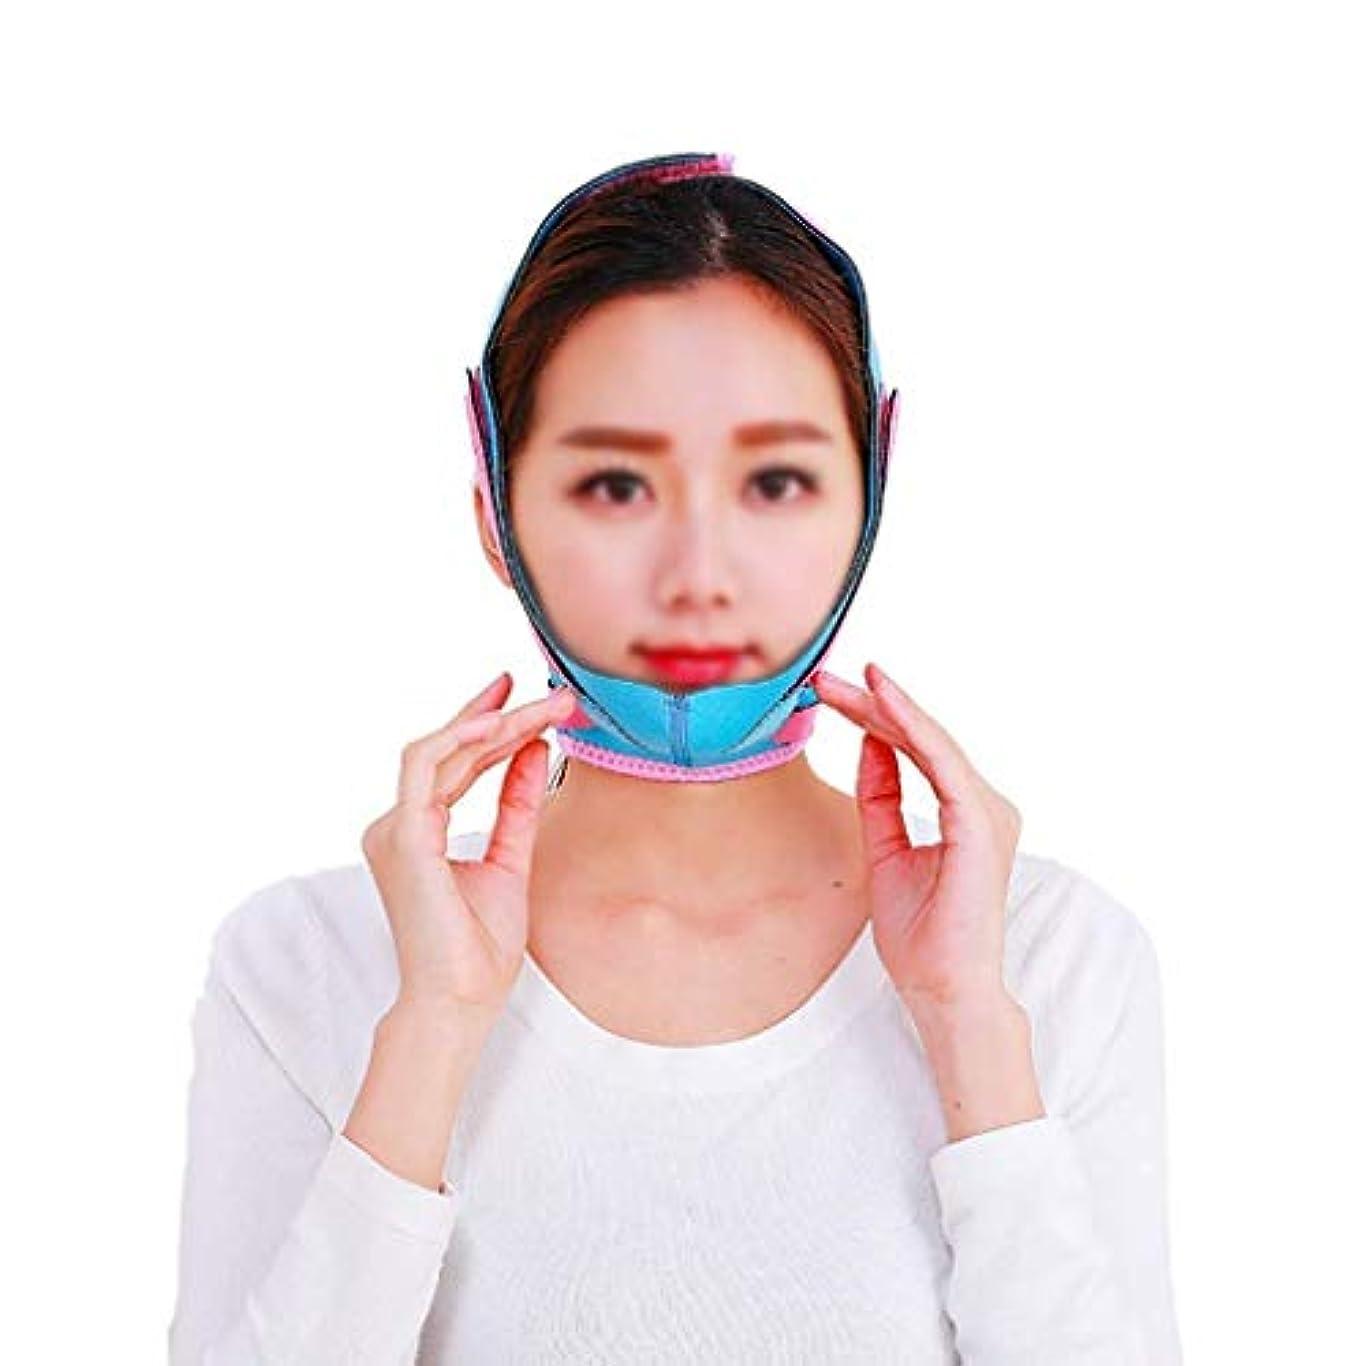 遠近法迷路もろい顔と首のリフト、男性と女性のフェイスリフトアーティファクトシュリンクマスクを強化輪郭の救済ドループ筋肉引き締め肌弾性V顔包帯